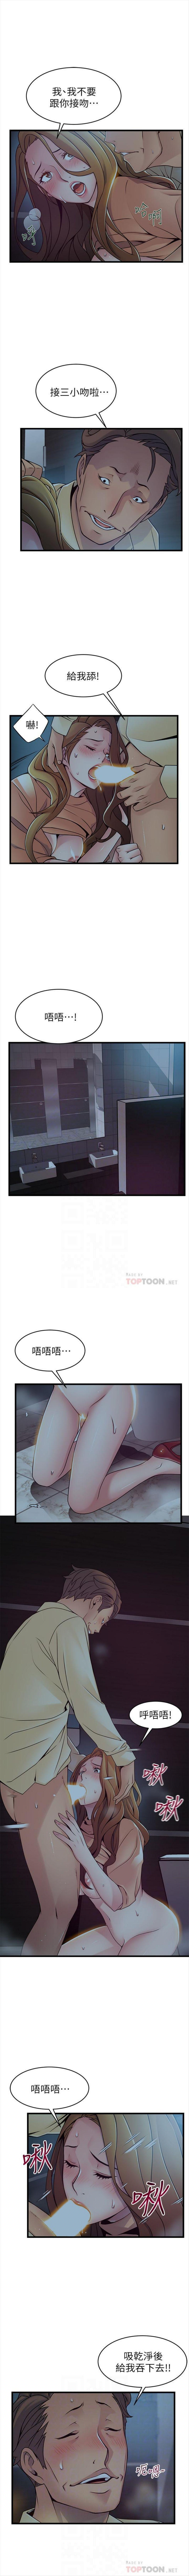 弱點 1-101 官方中文(連載中) 408